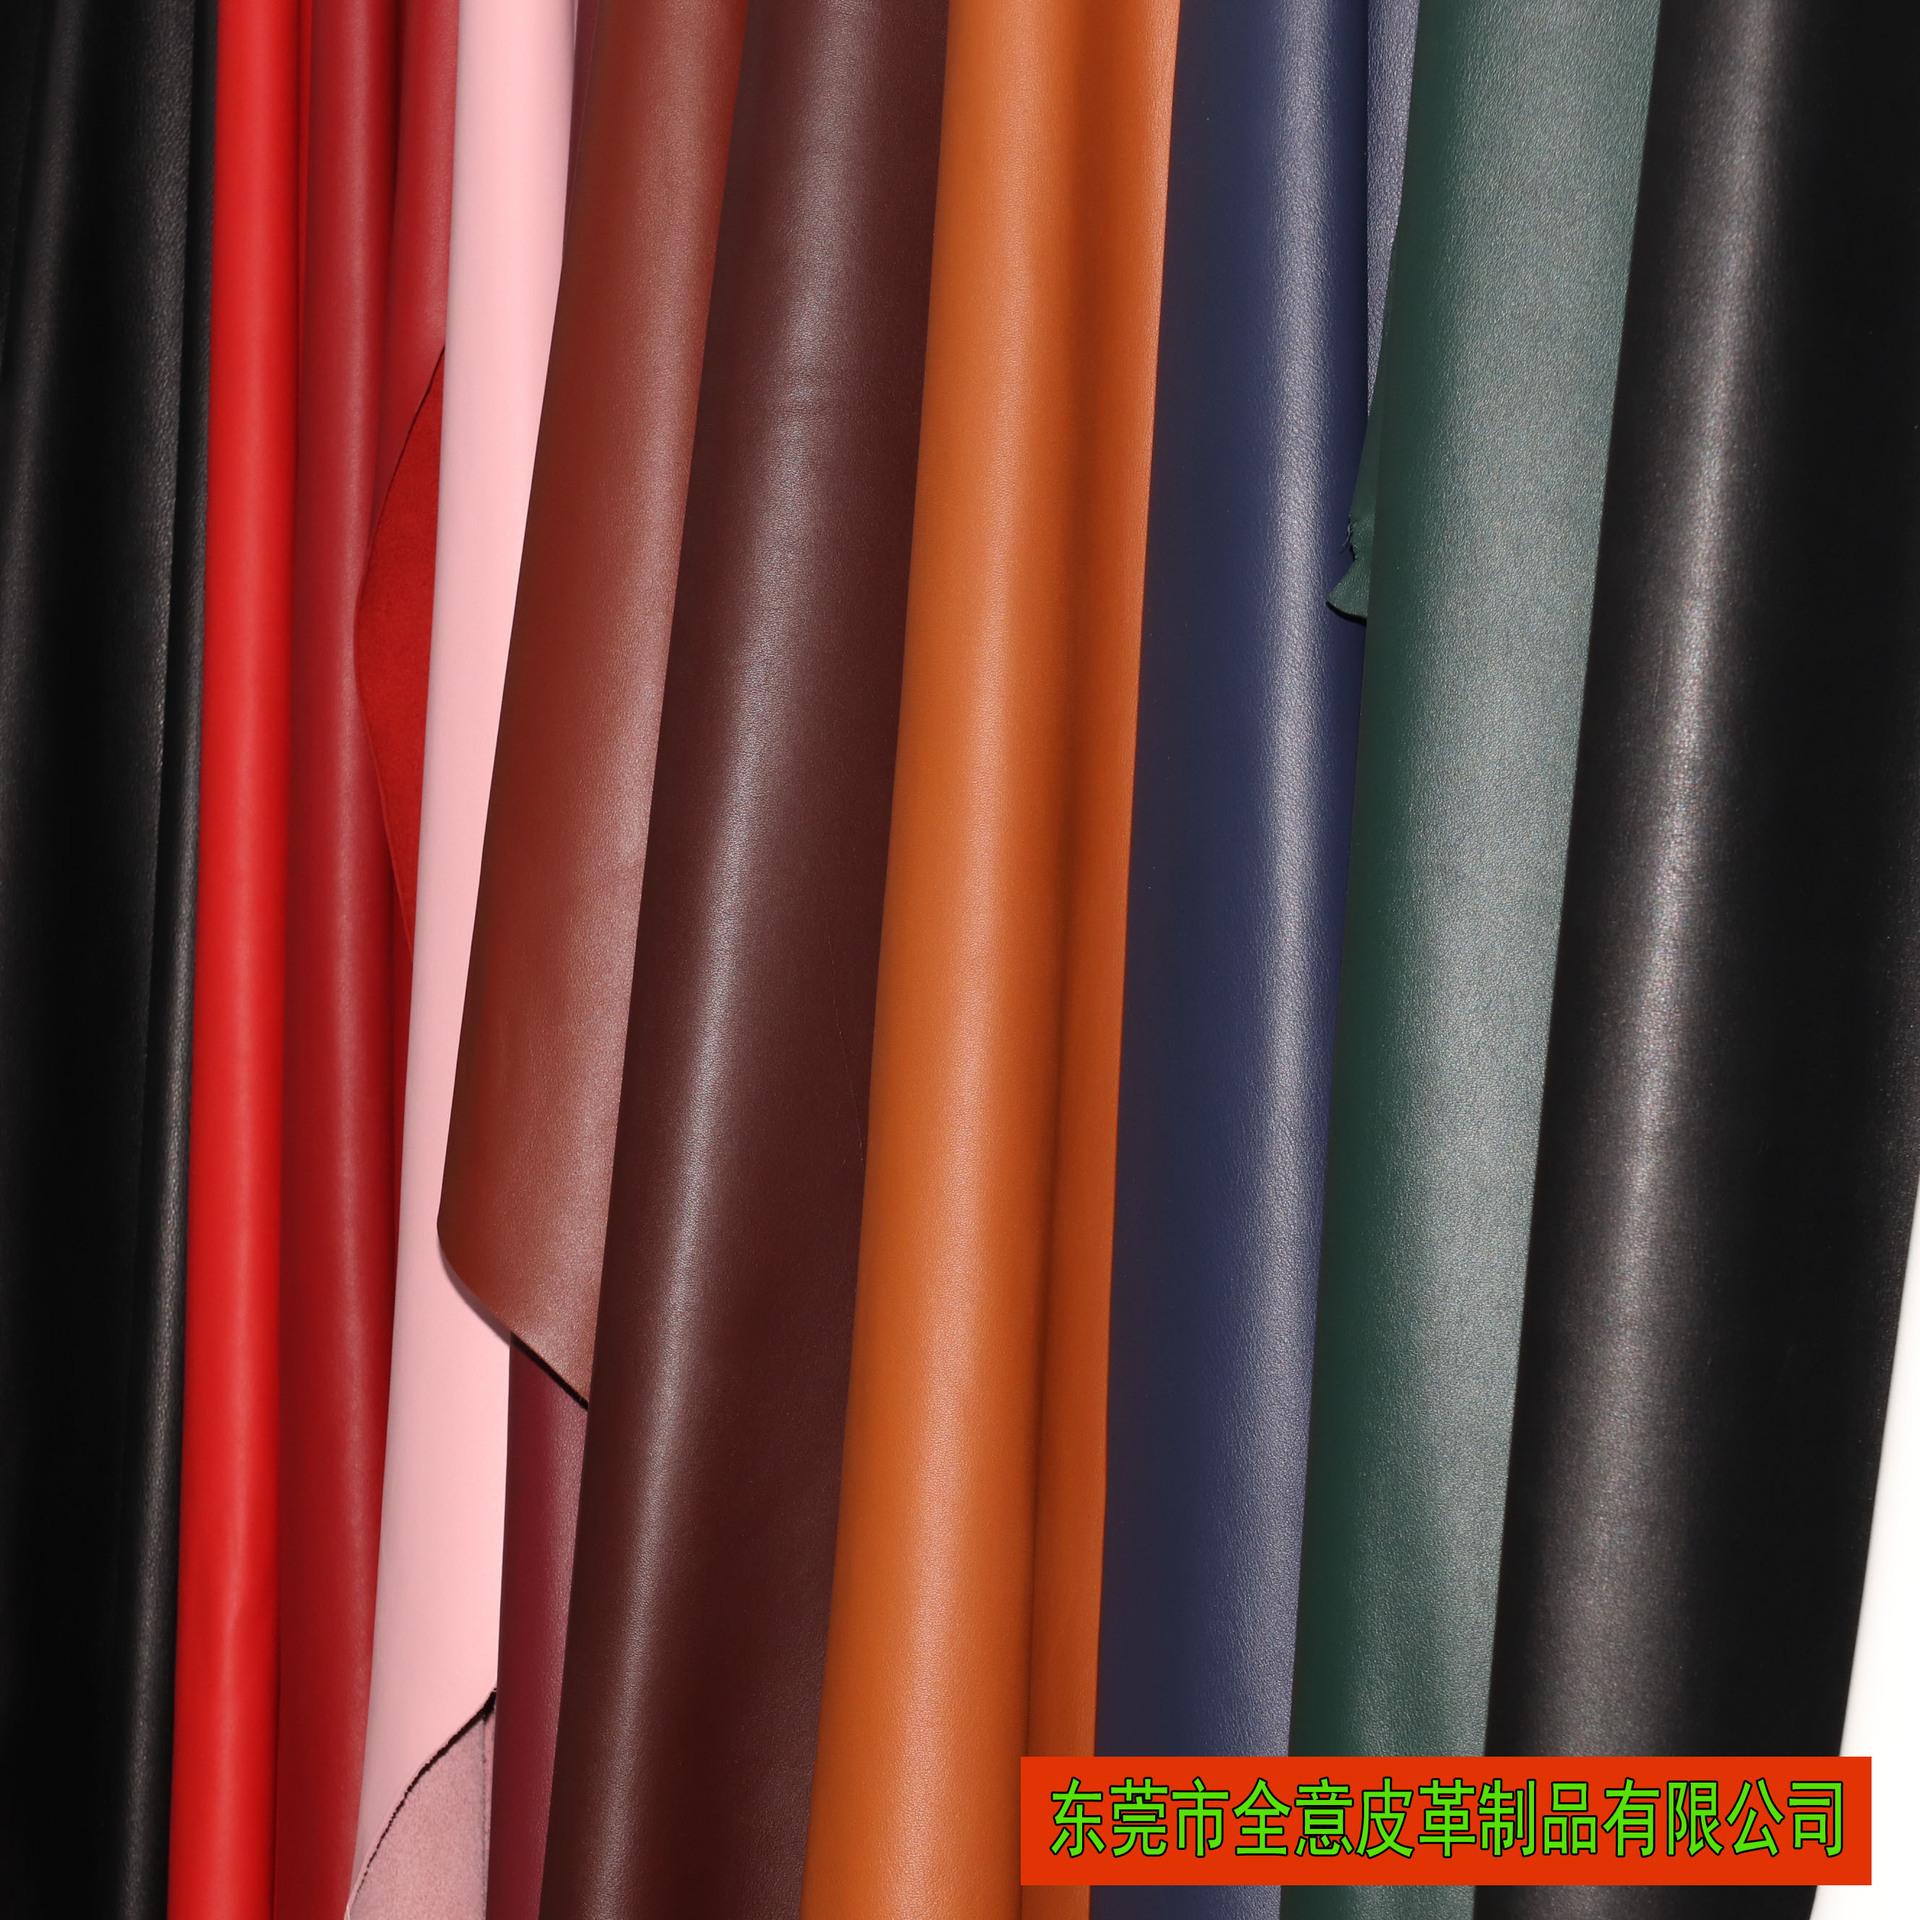 QUANYI Da bò Napa Màu sắc đa dạng Lớp da bò mềm đầu tiên Giày da nữ Chất liệu vải mịn tự nhiên